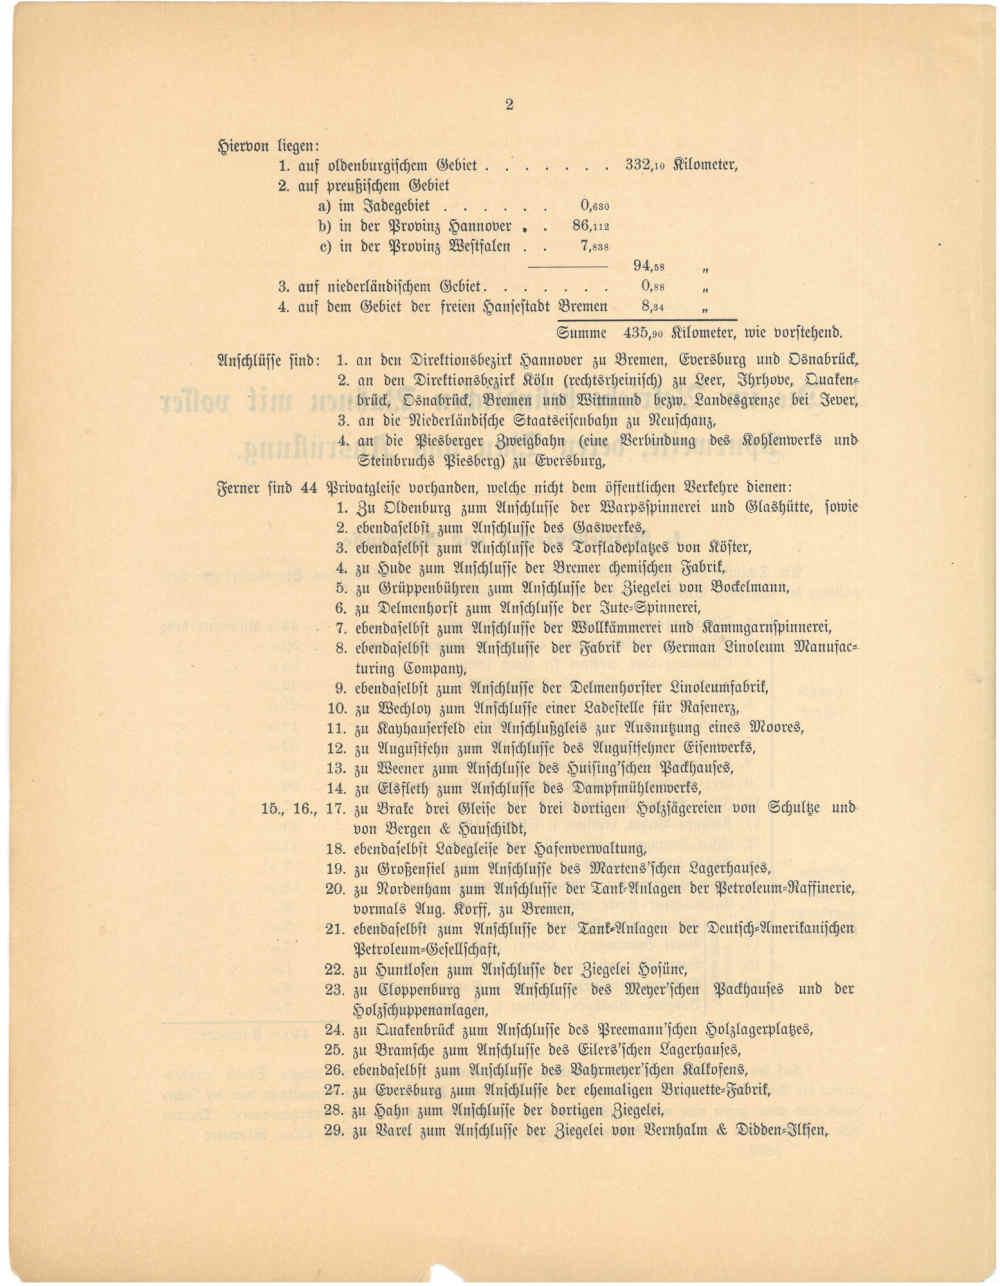 1893 - Jahresbericht Seite 2, Übersicht über die oldenburgischen Strecken